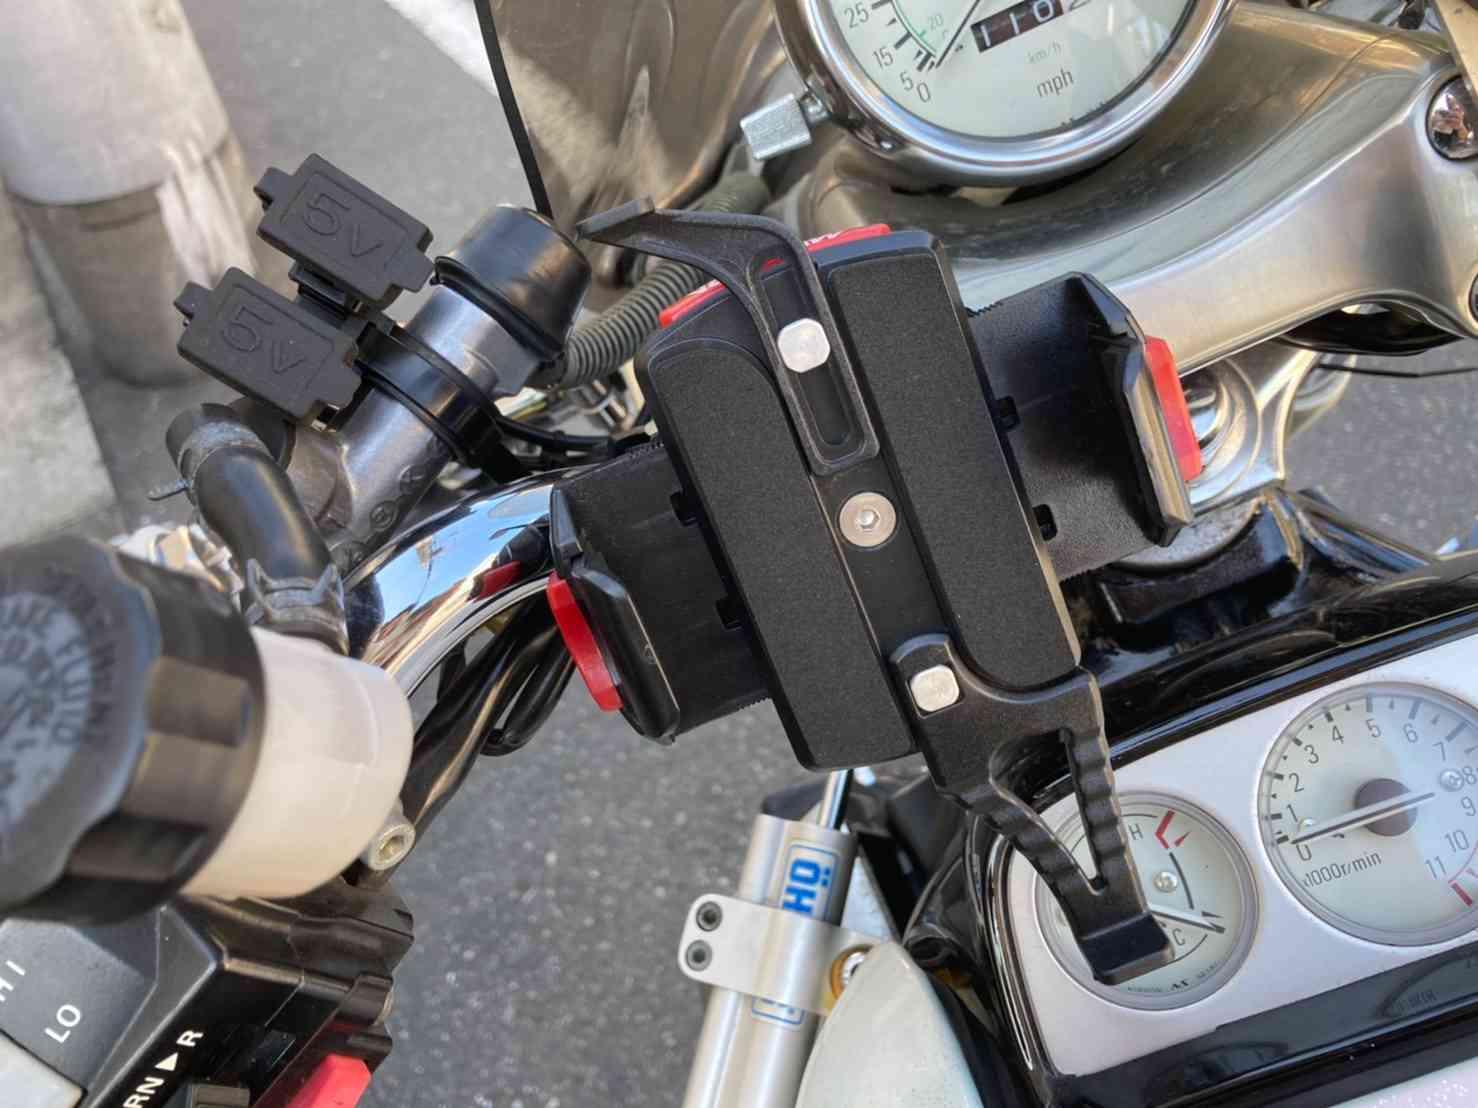 ハンドル周りの撮影、スマホホルダー、USB充電器装備